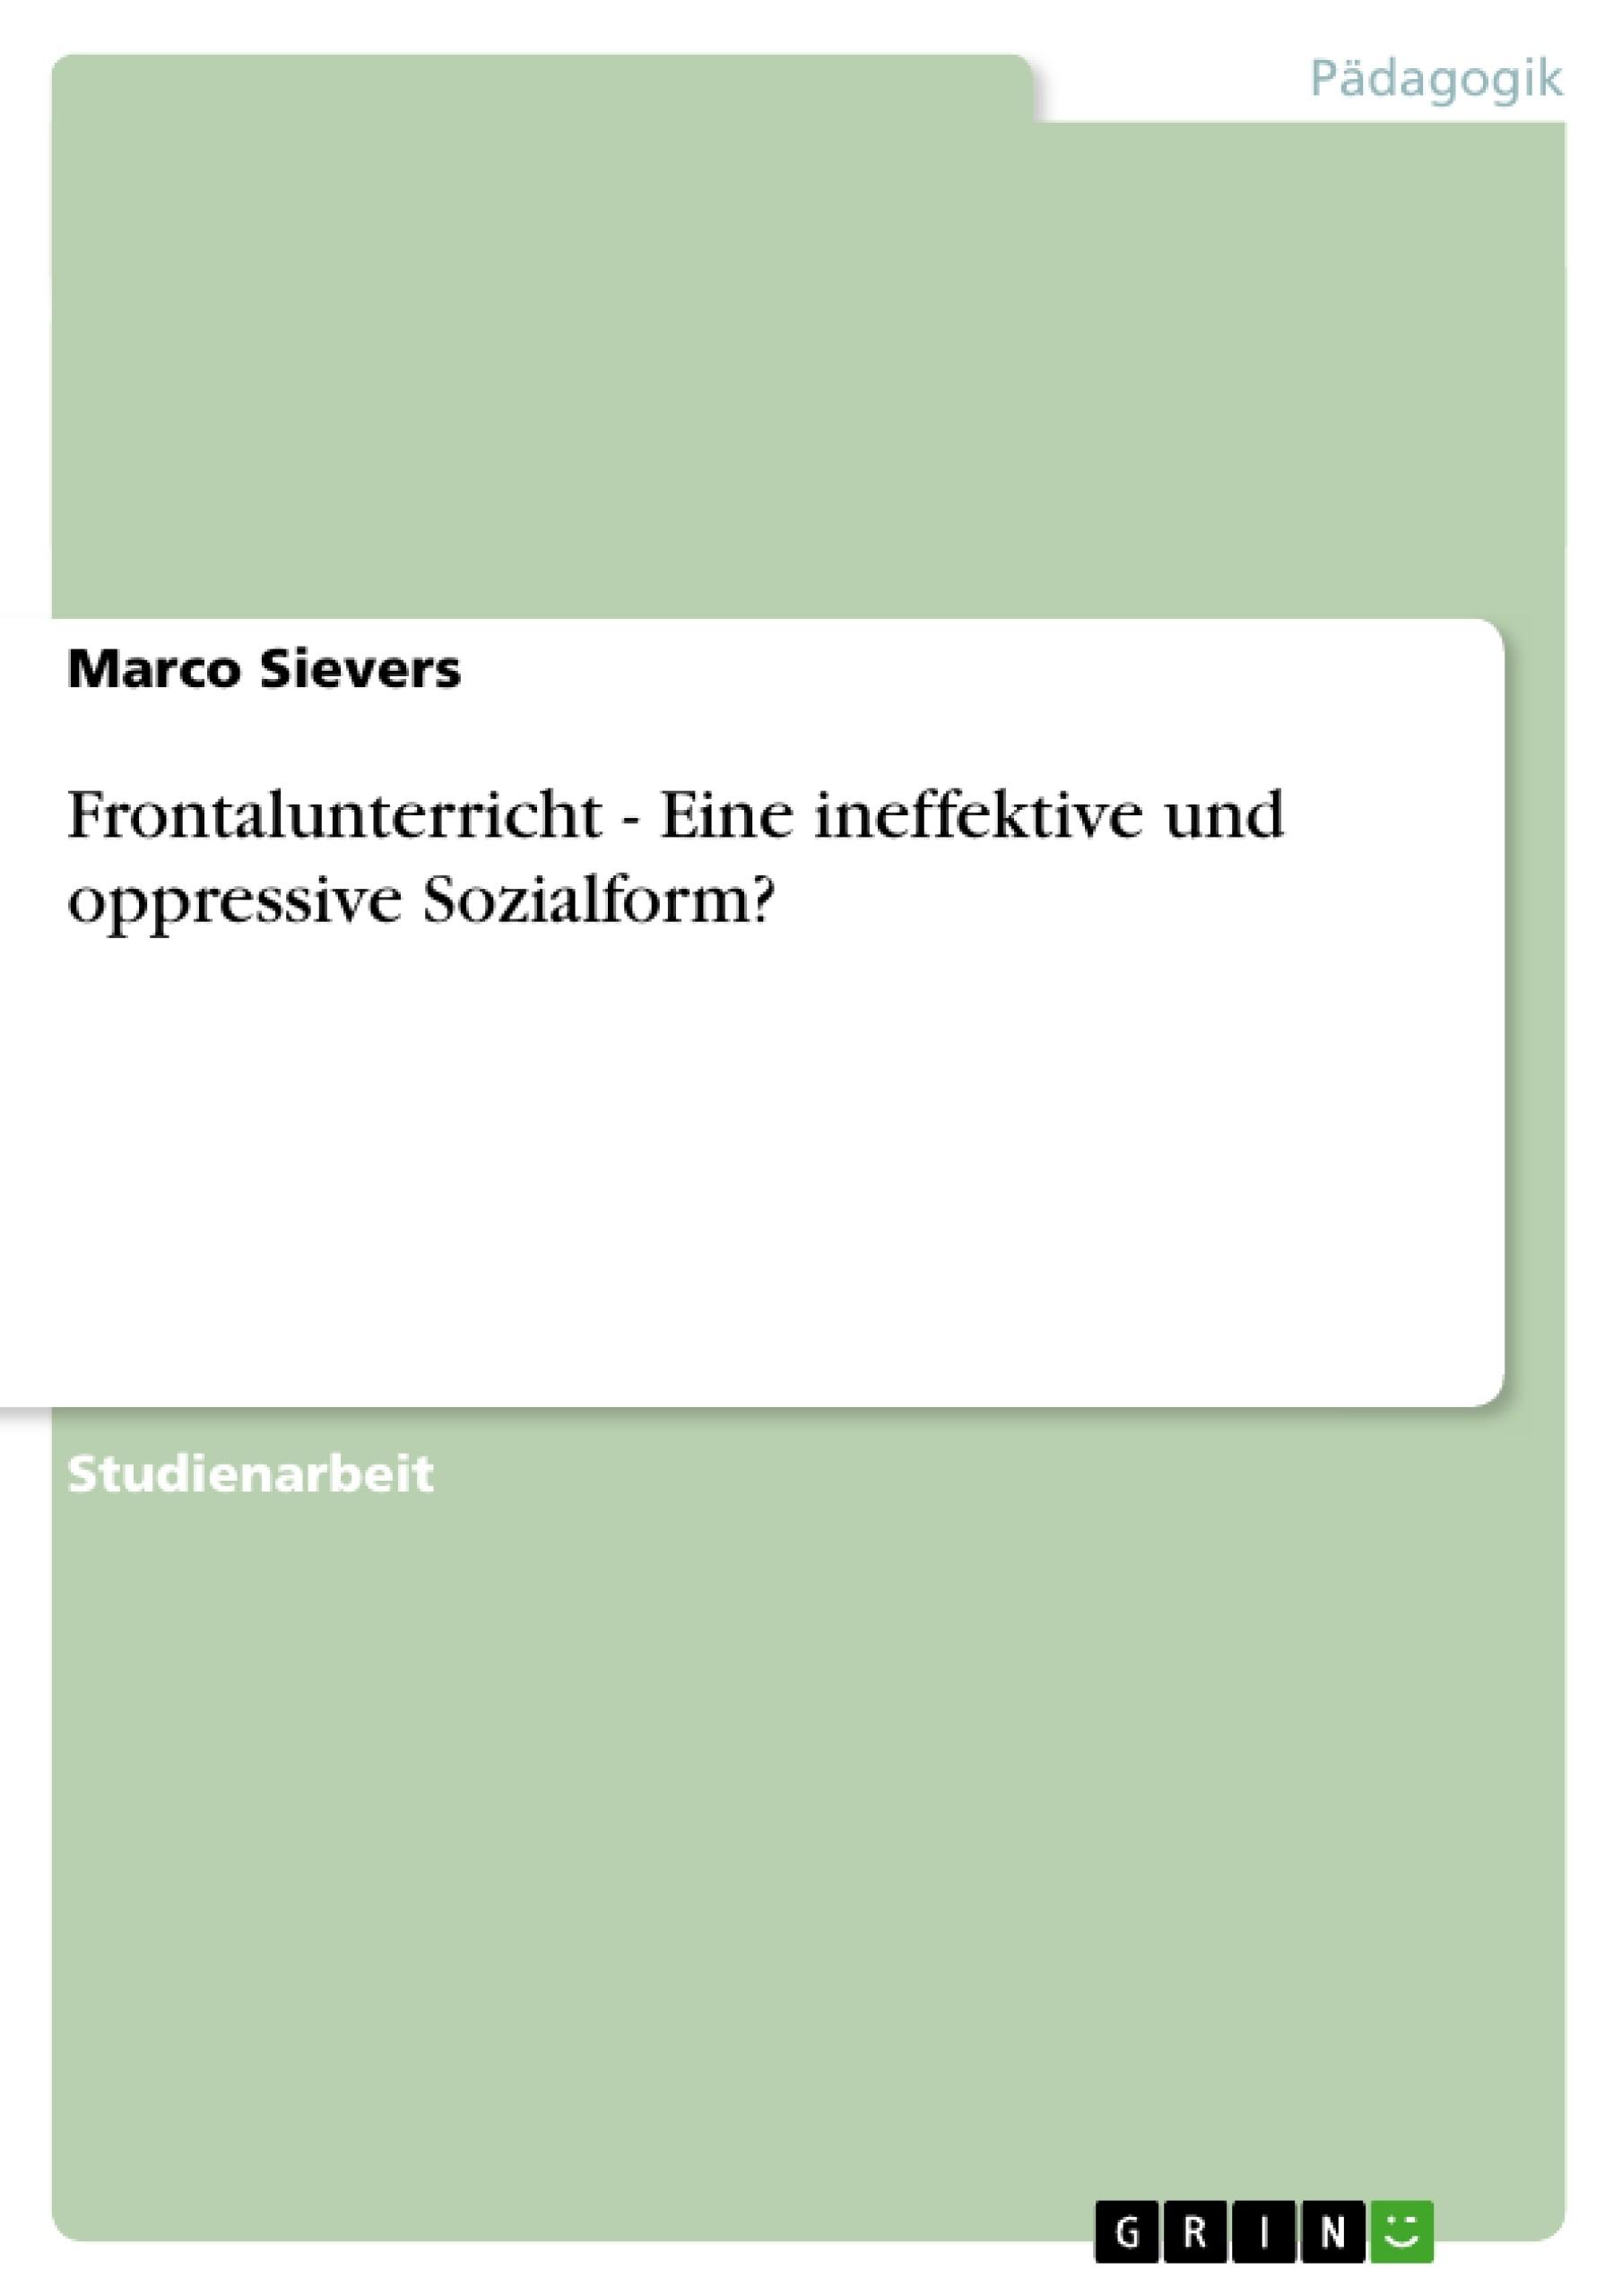 Titel: Frontalunterricht - Eine ineffektive und oppressive Sozialform?